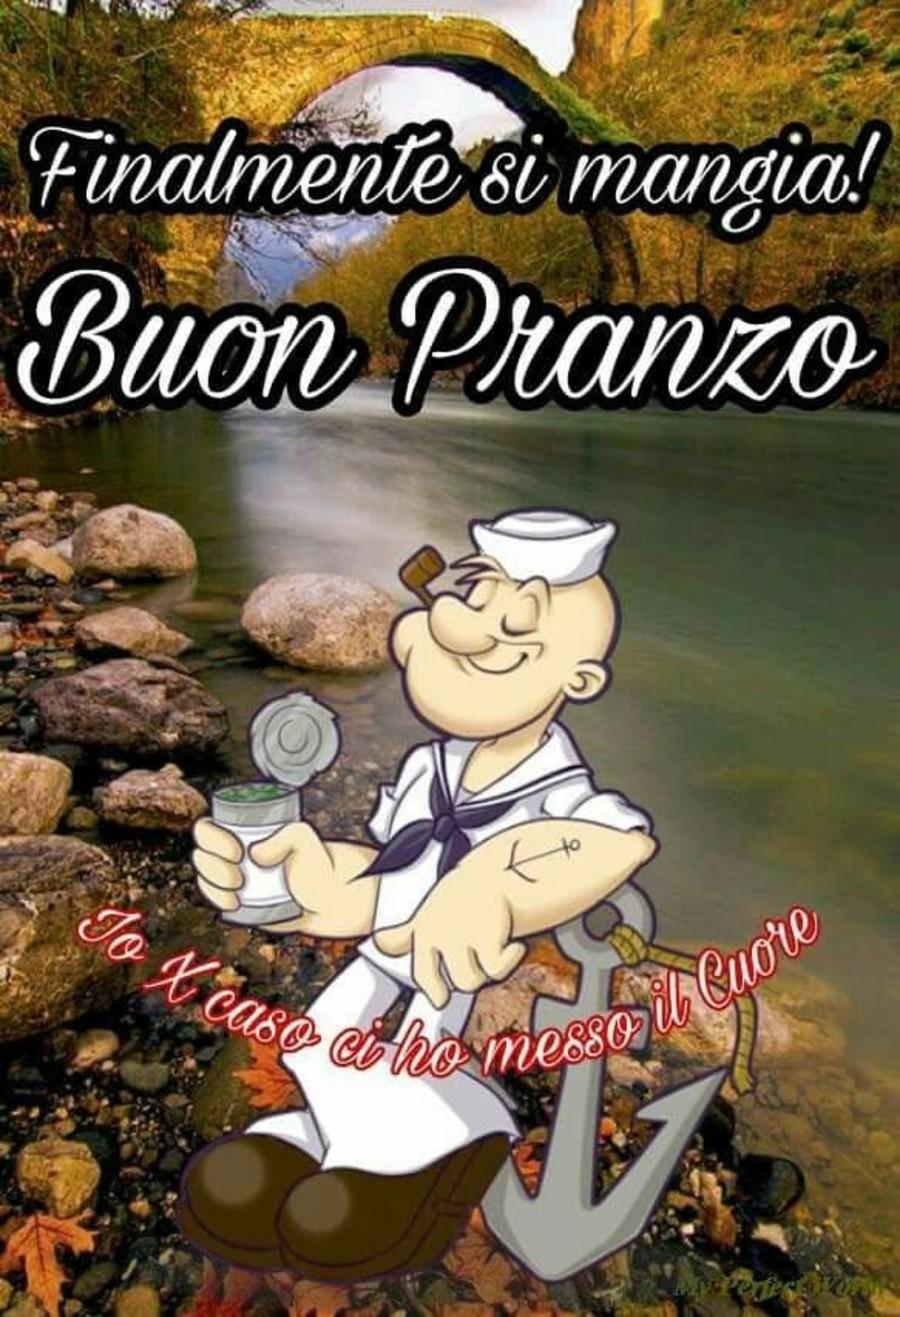 Immagini gratis Buon Pranzo a tutti 6775